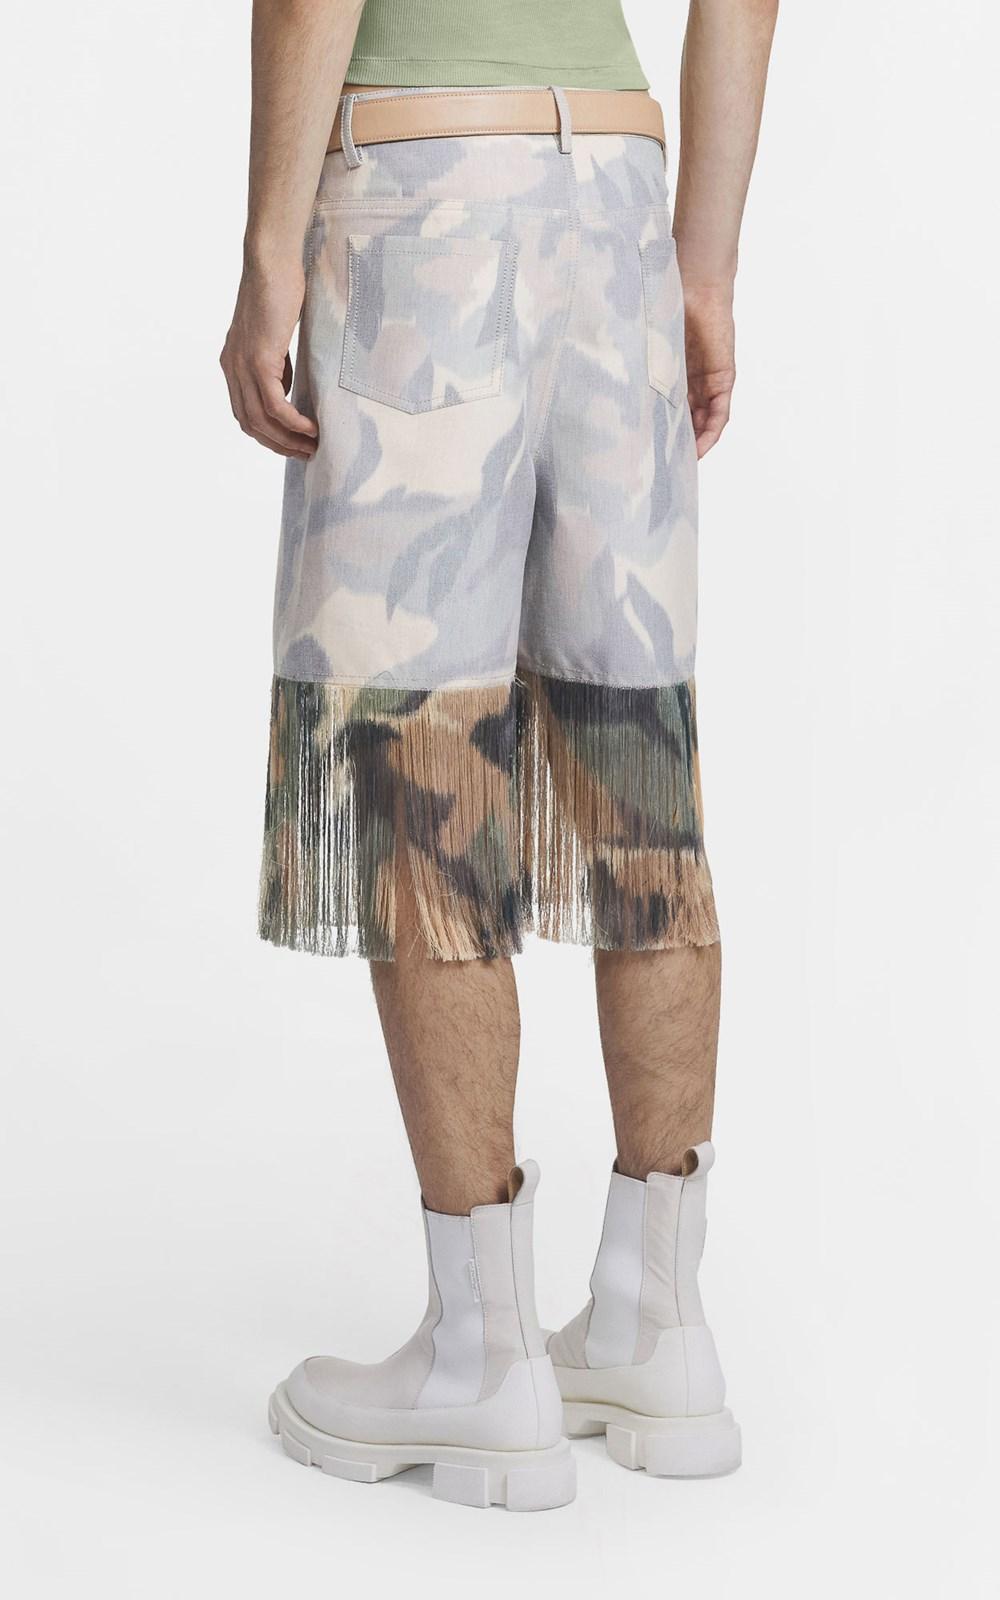 Pants | IKAT CAMO FRINGE JEAN SHORT